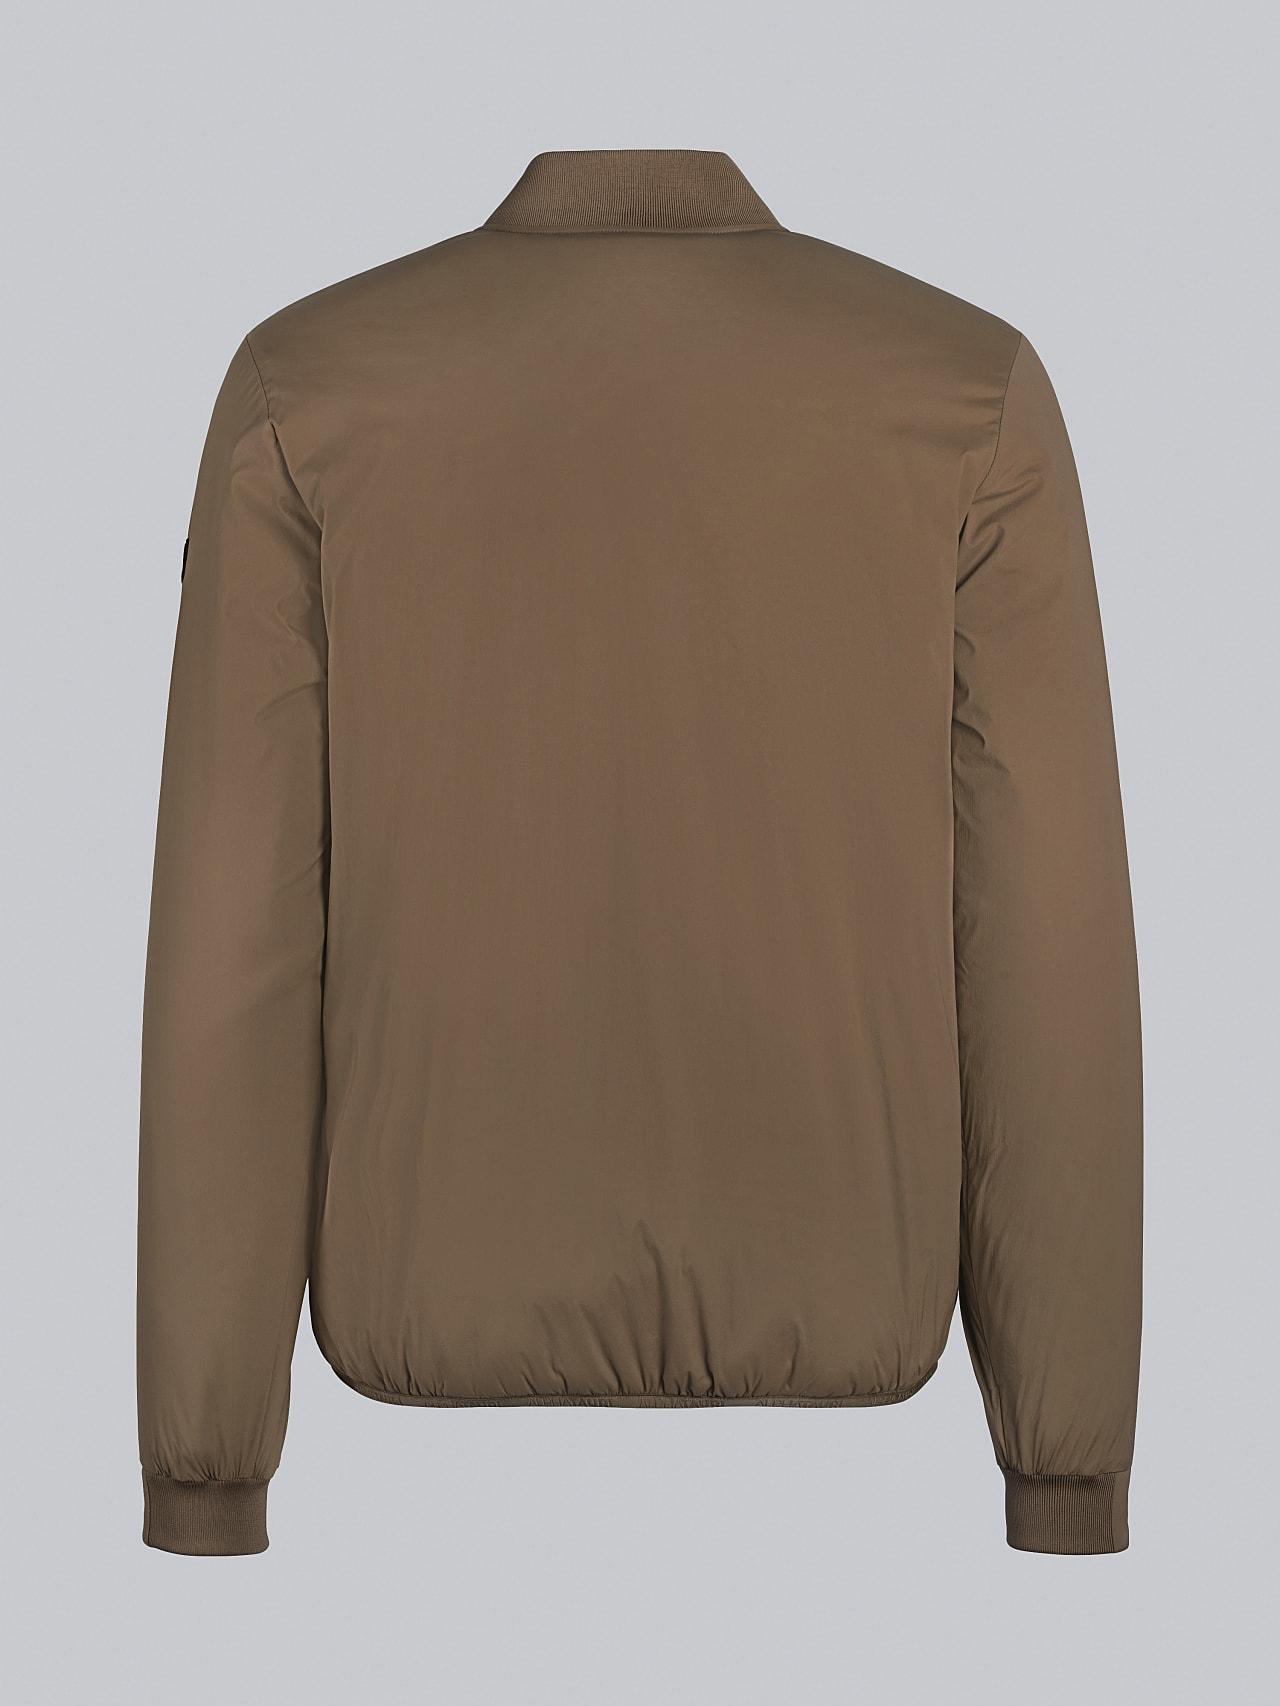 OPRIM V3.Y5.02 Padded PrimaLoft® Jacket gold Left Alpha Tauri